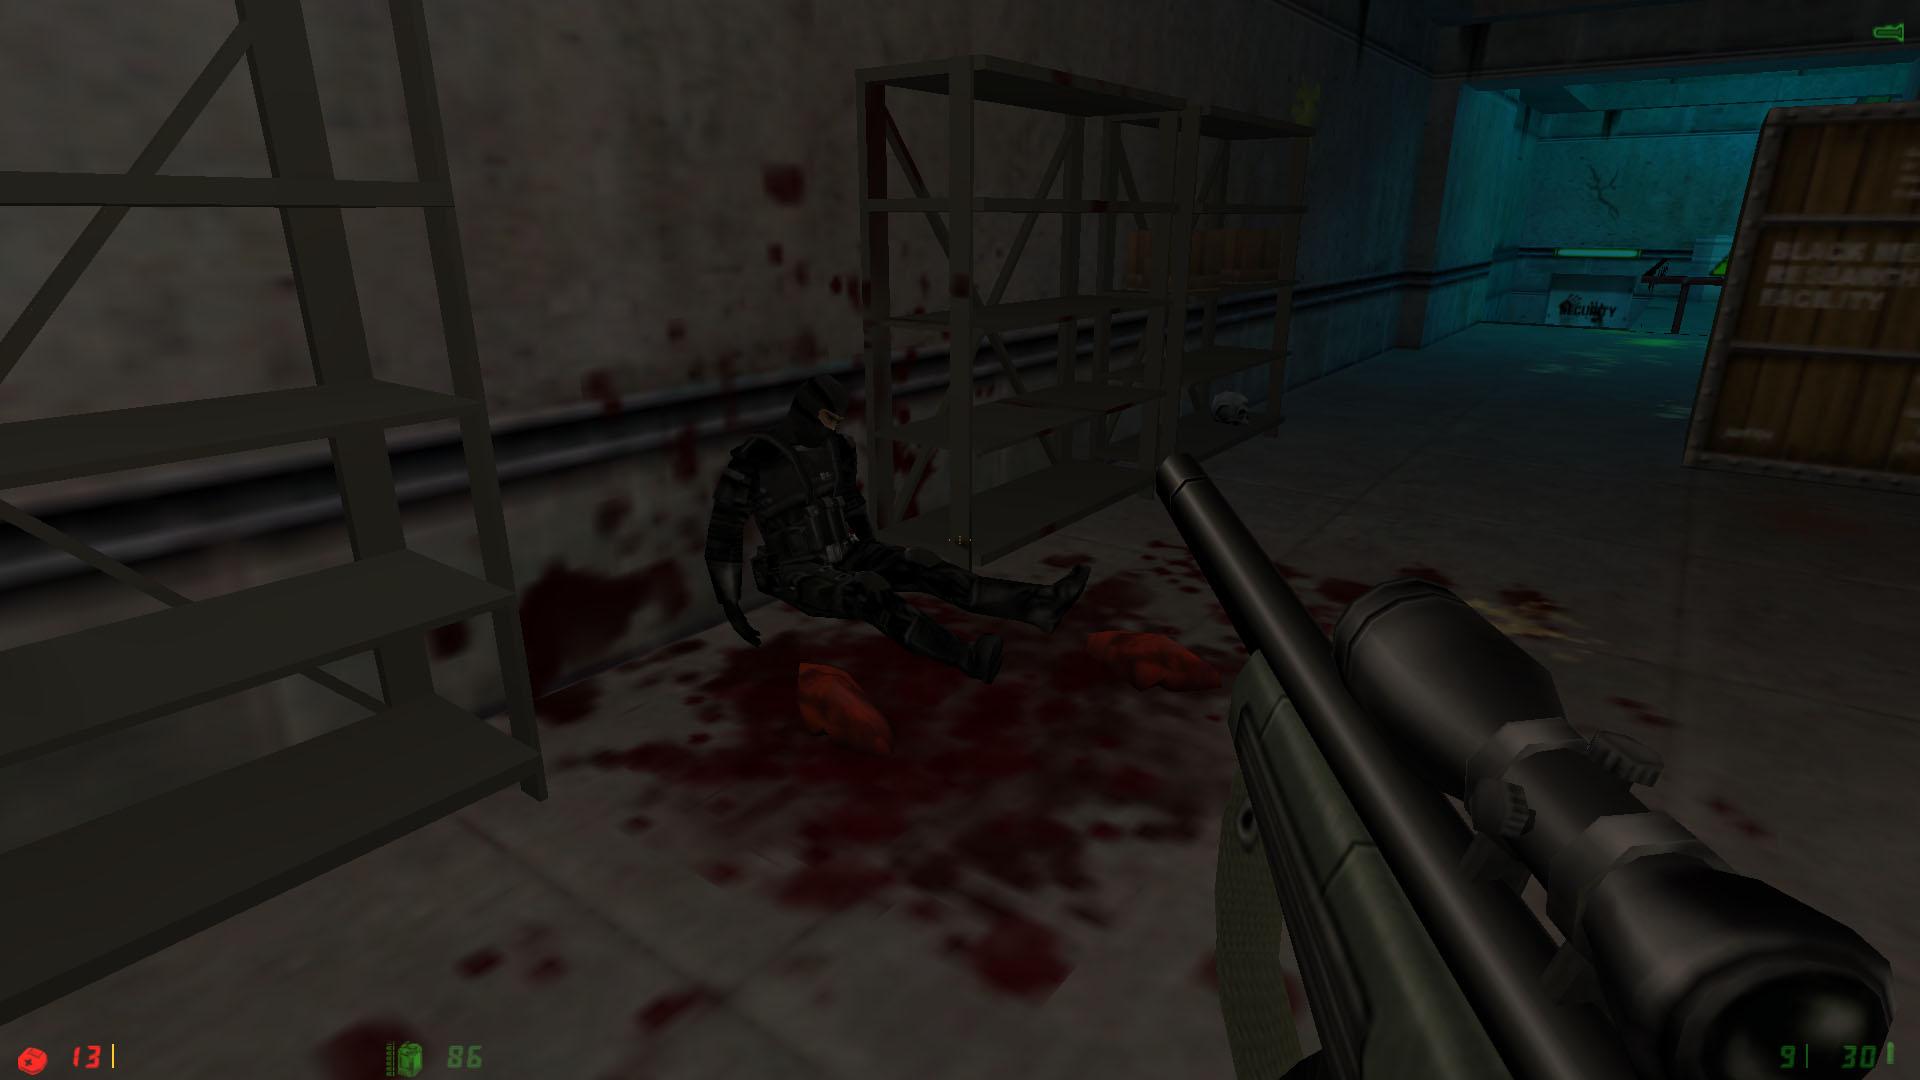 Друг, ты жив? - Half-Life